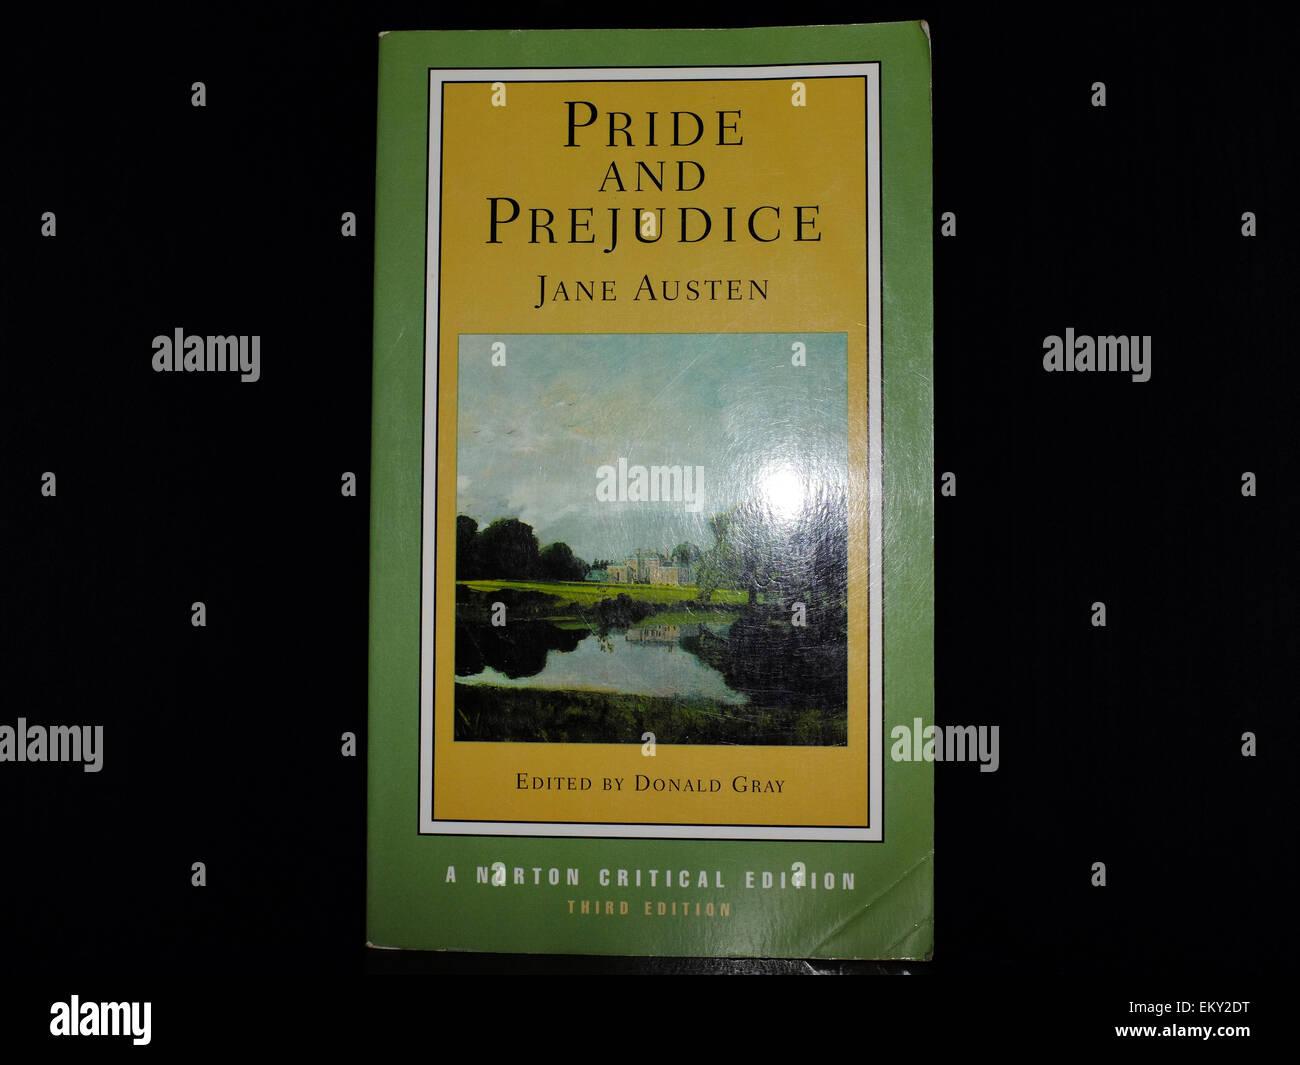 La cubierta frontal de Orgullo y Prejuicio de Jane Austen fotografiado contra un fondo negro. Imagen De Stock